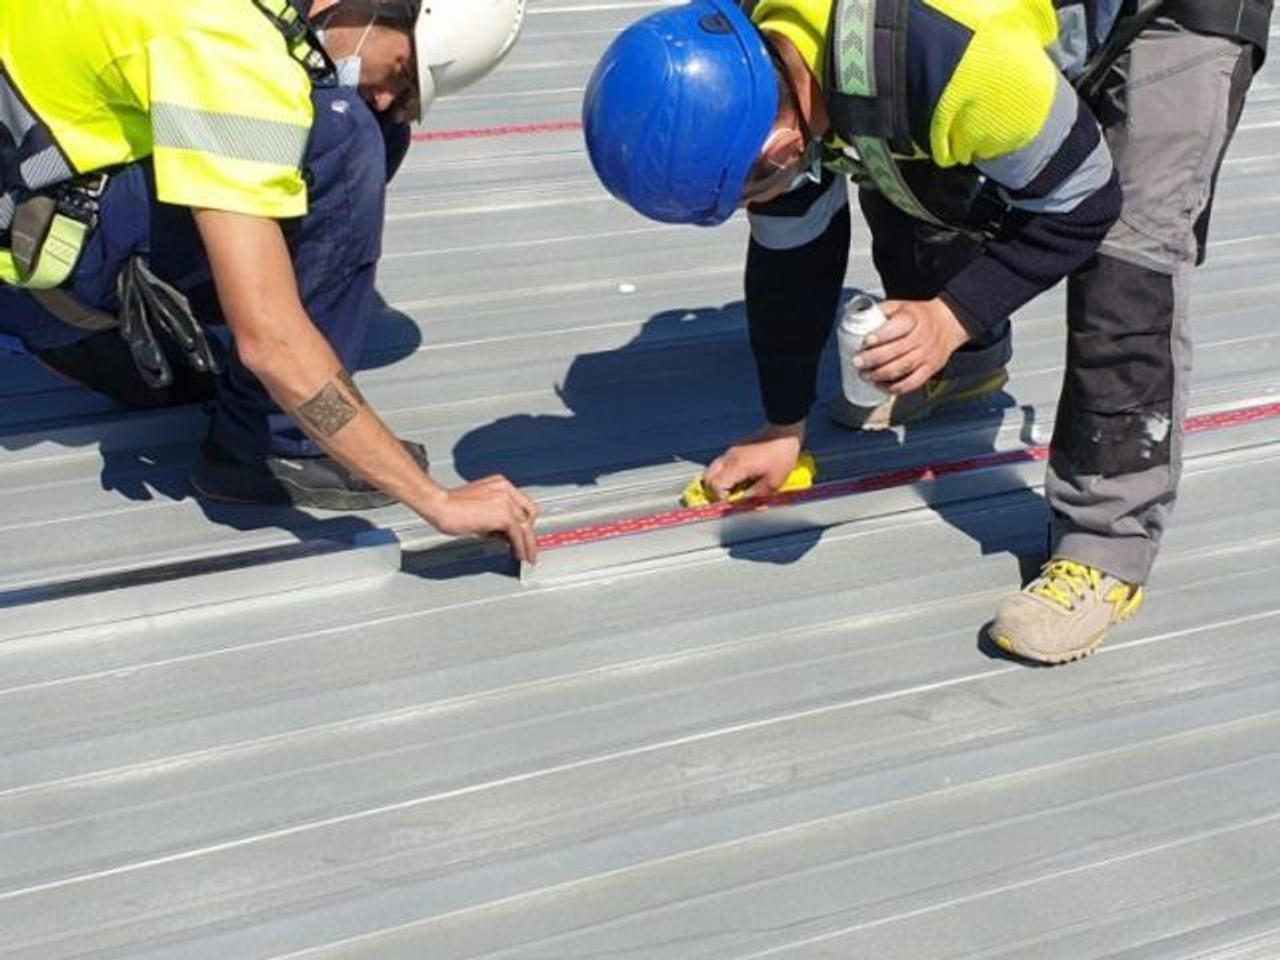 Компания Alusín Solar разработала технологию крепления солнечных панелей к поверхностям с помощью клея